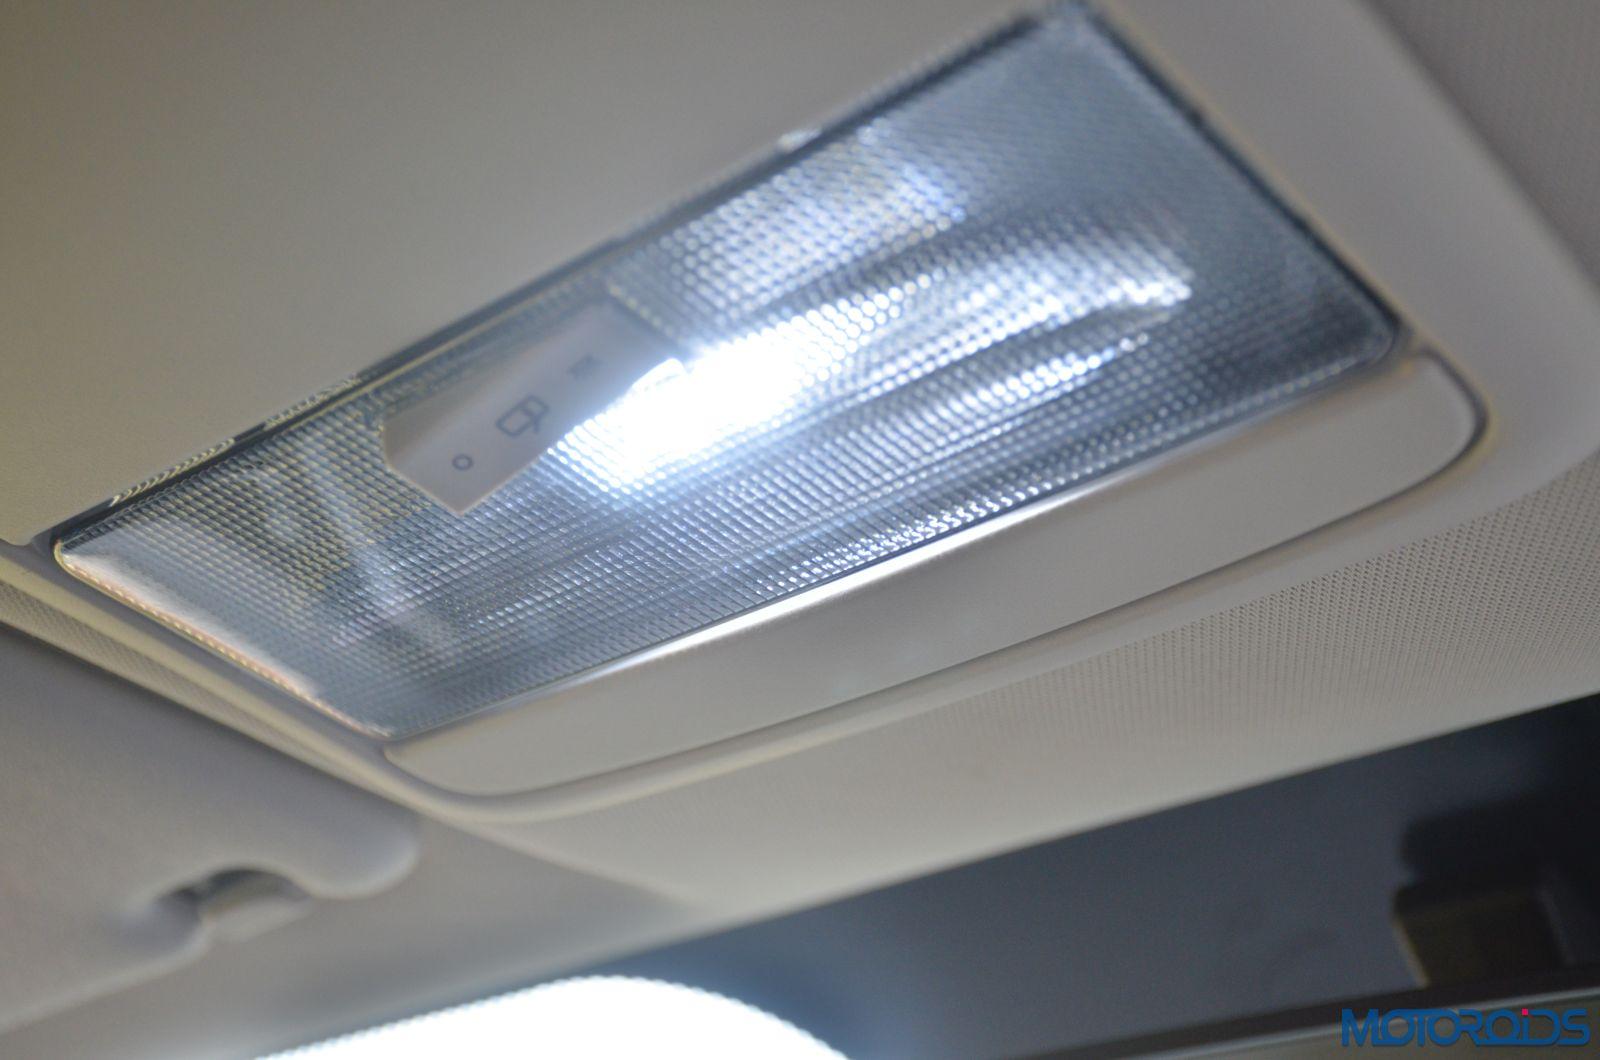 Tata-Nexon-cabin-light